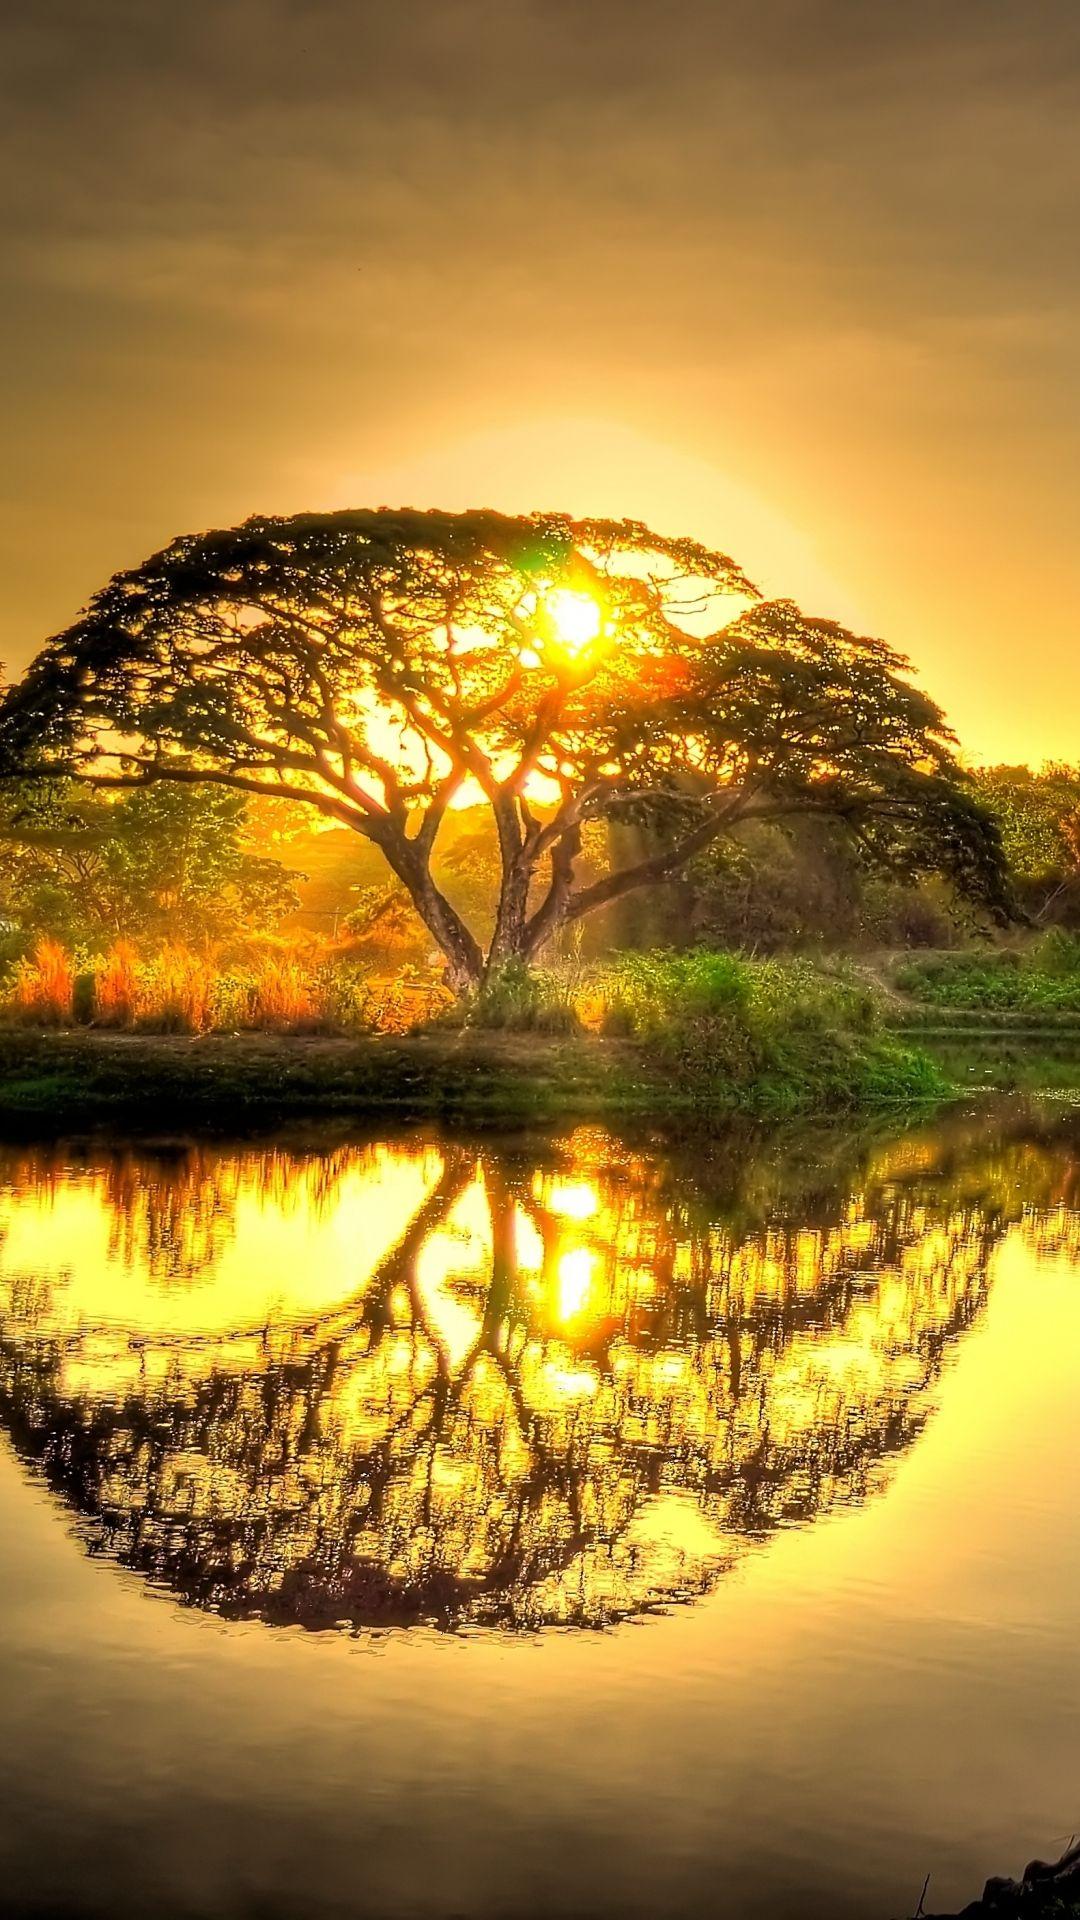 Trees Light Orange Forest Sunset 4k Horizontal Sunset Wallpaper Forest Sunset Forest Wallpaper